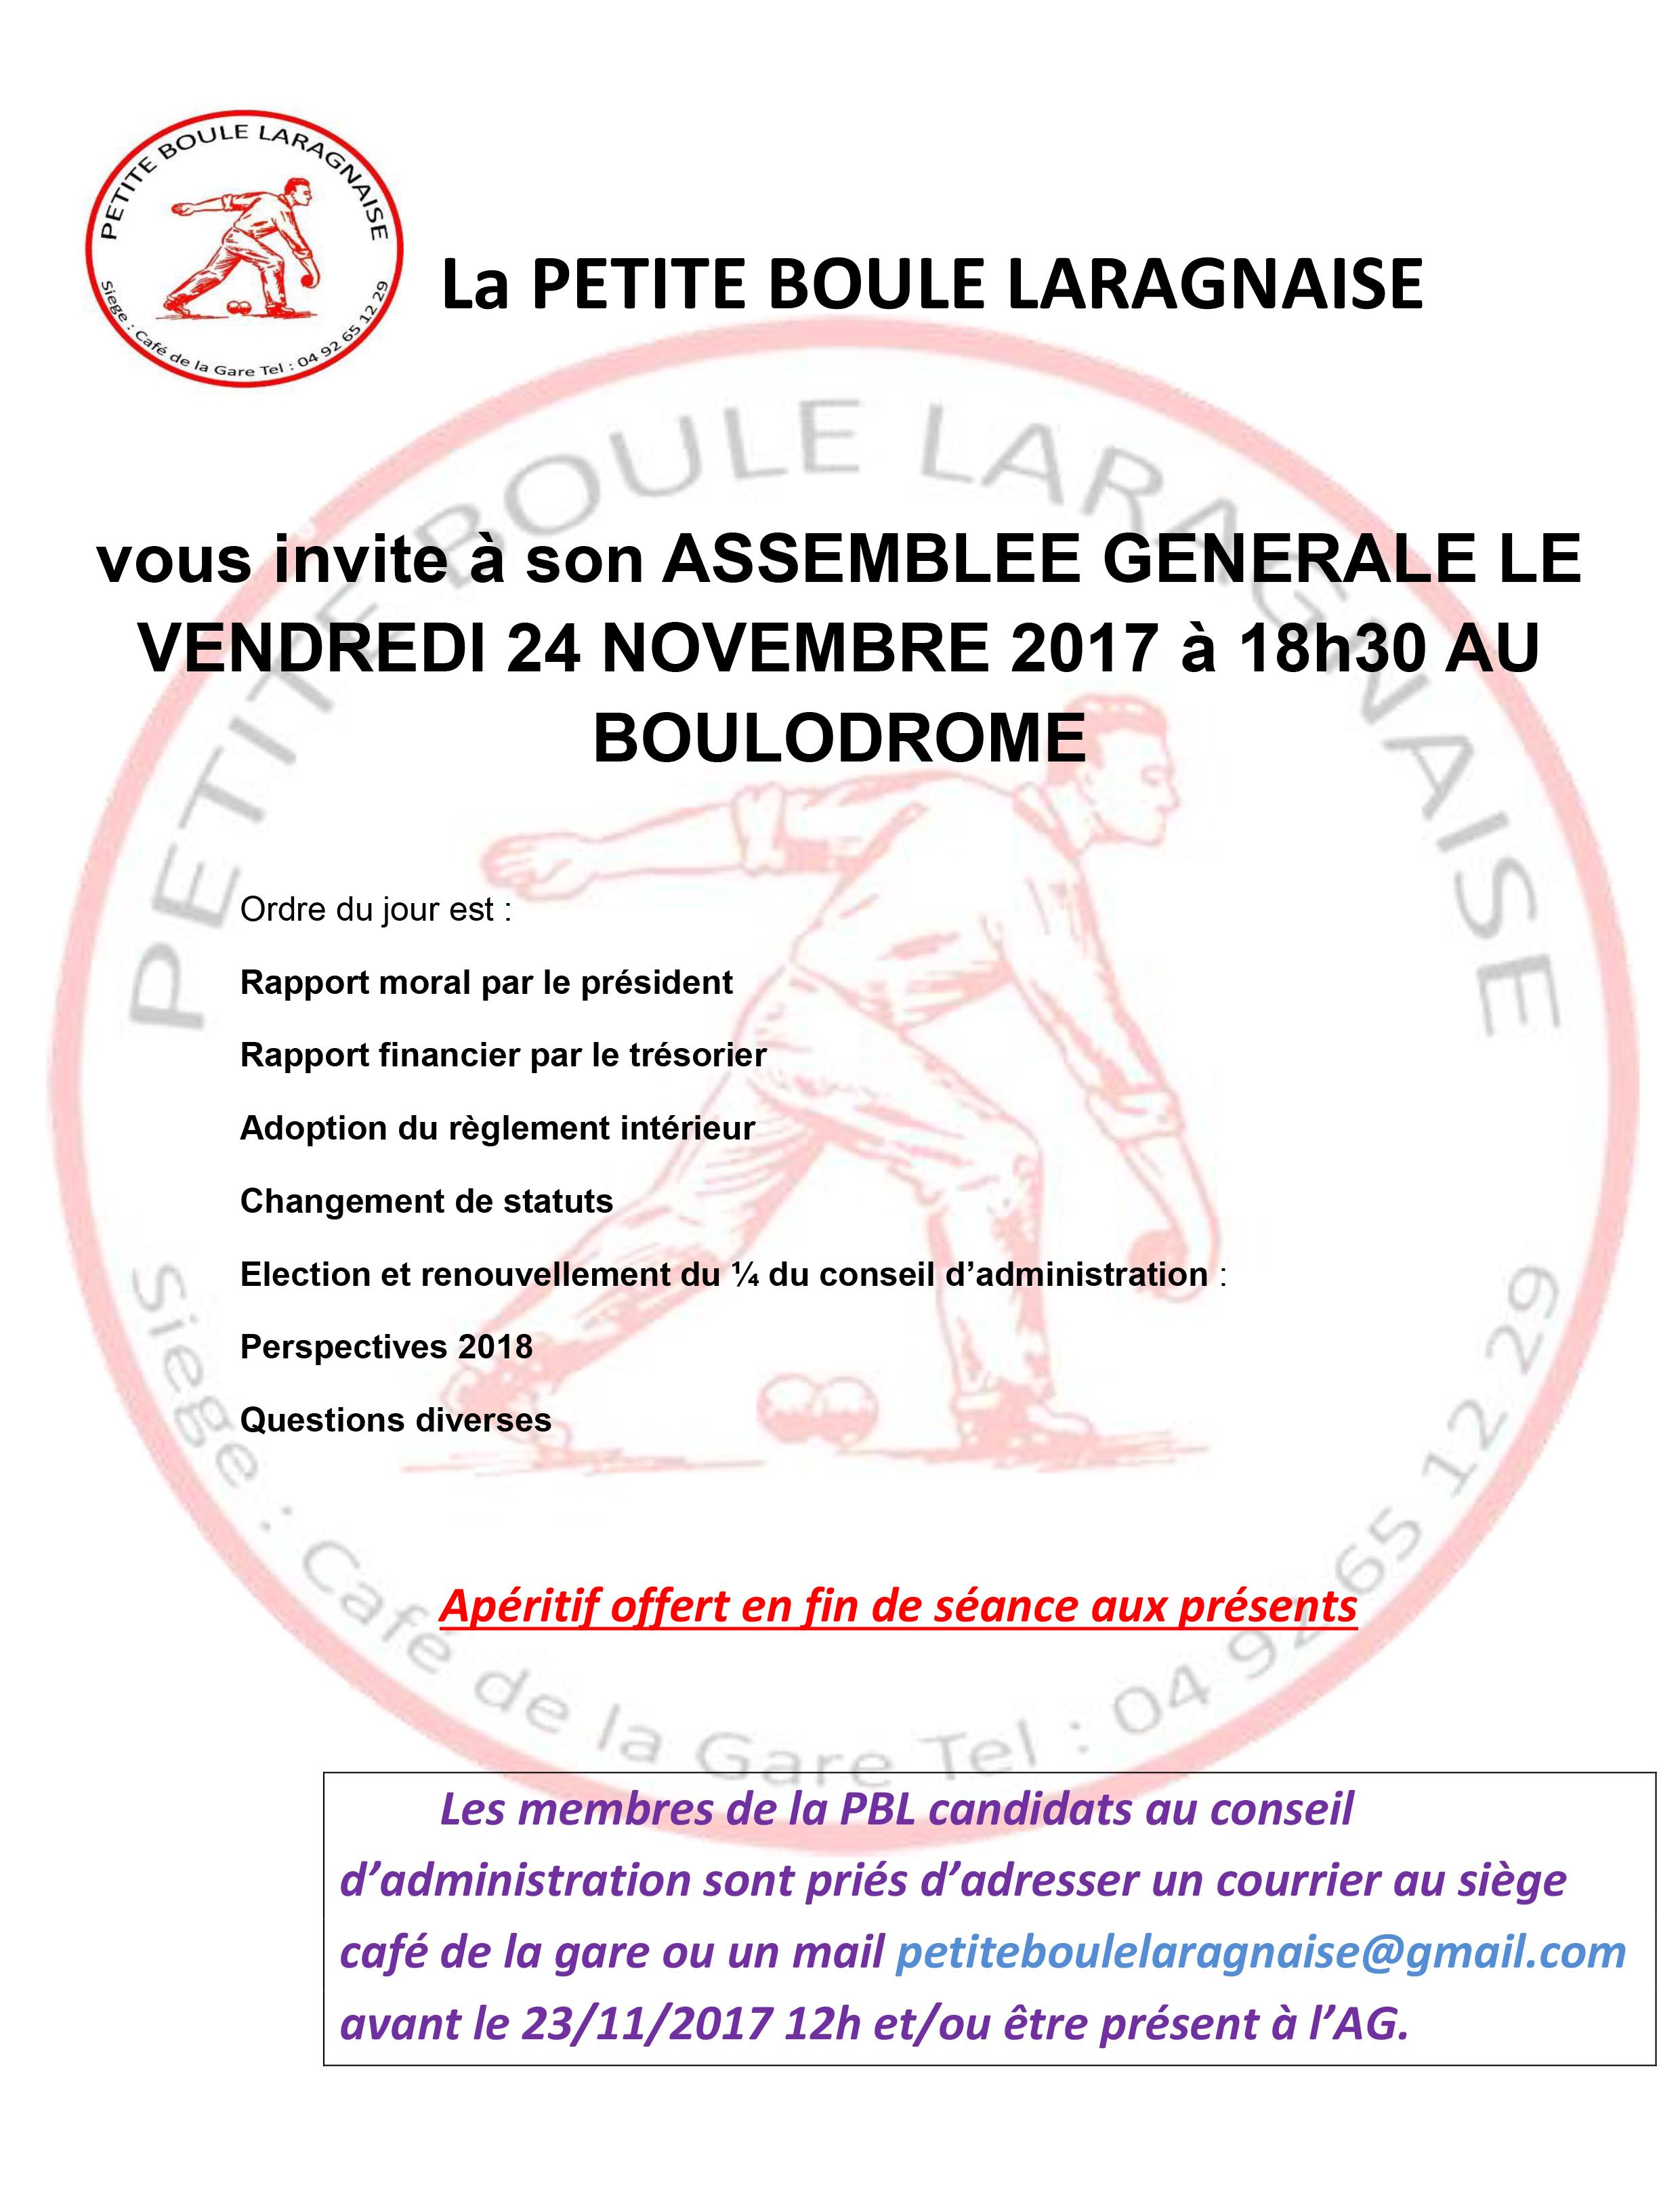 ASSEMBLEE GENERALE du 24/11/2017